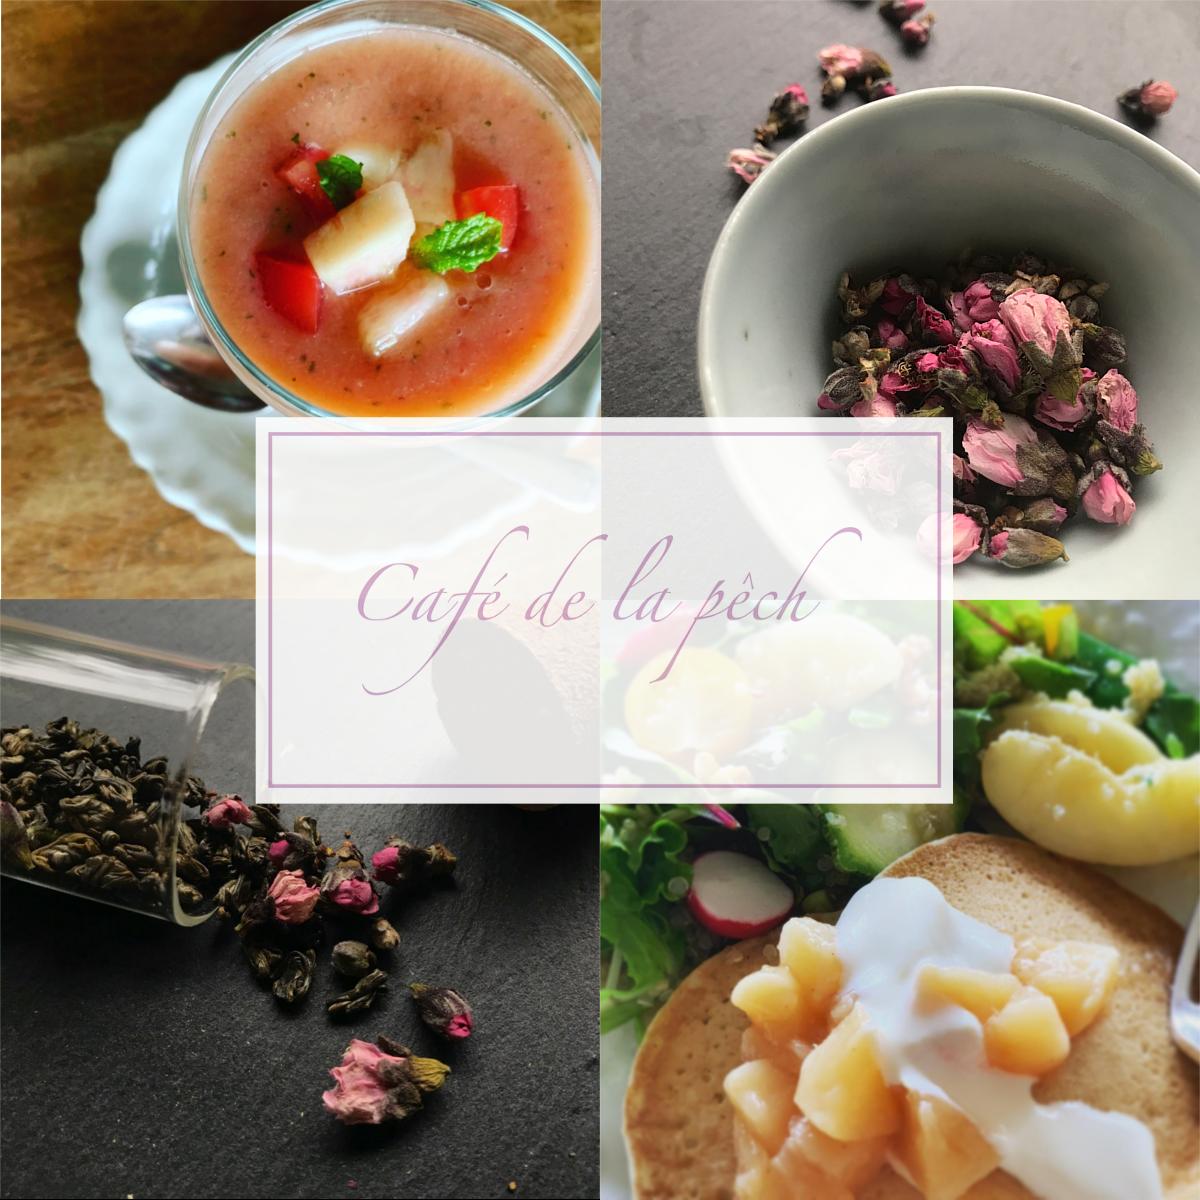 今井ようこさん桃ブランチ+YAGUI 中国茶🍑コラボのお知らせ